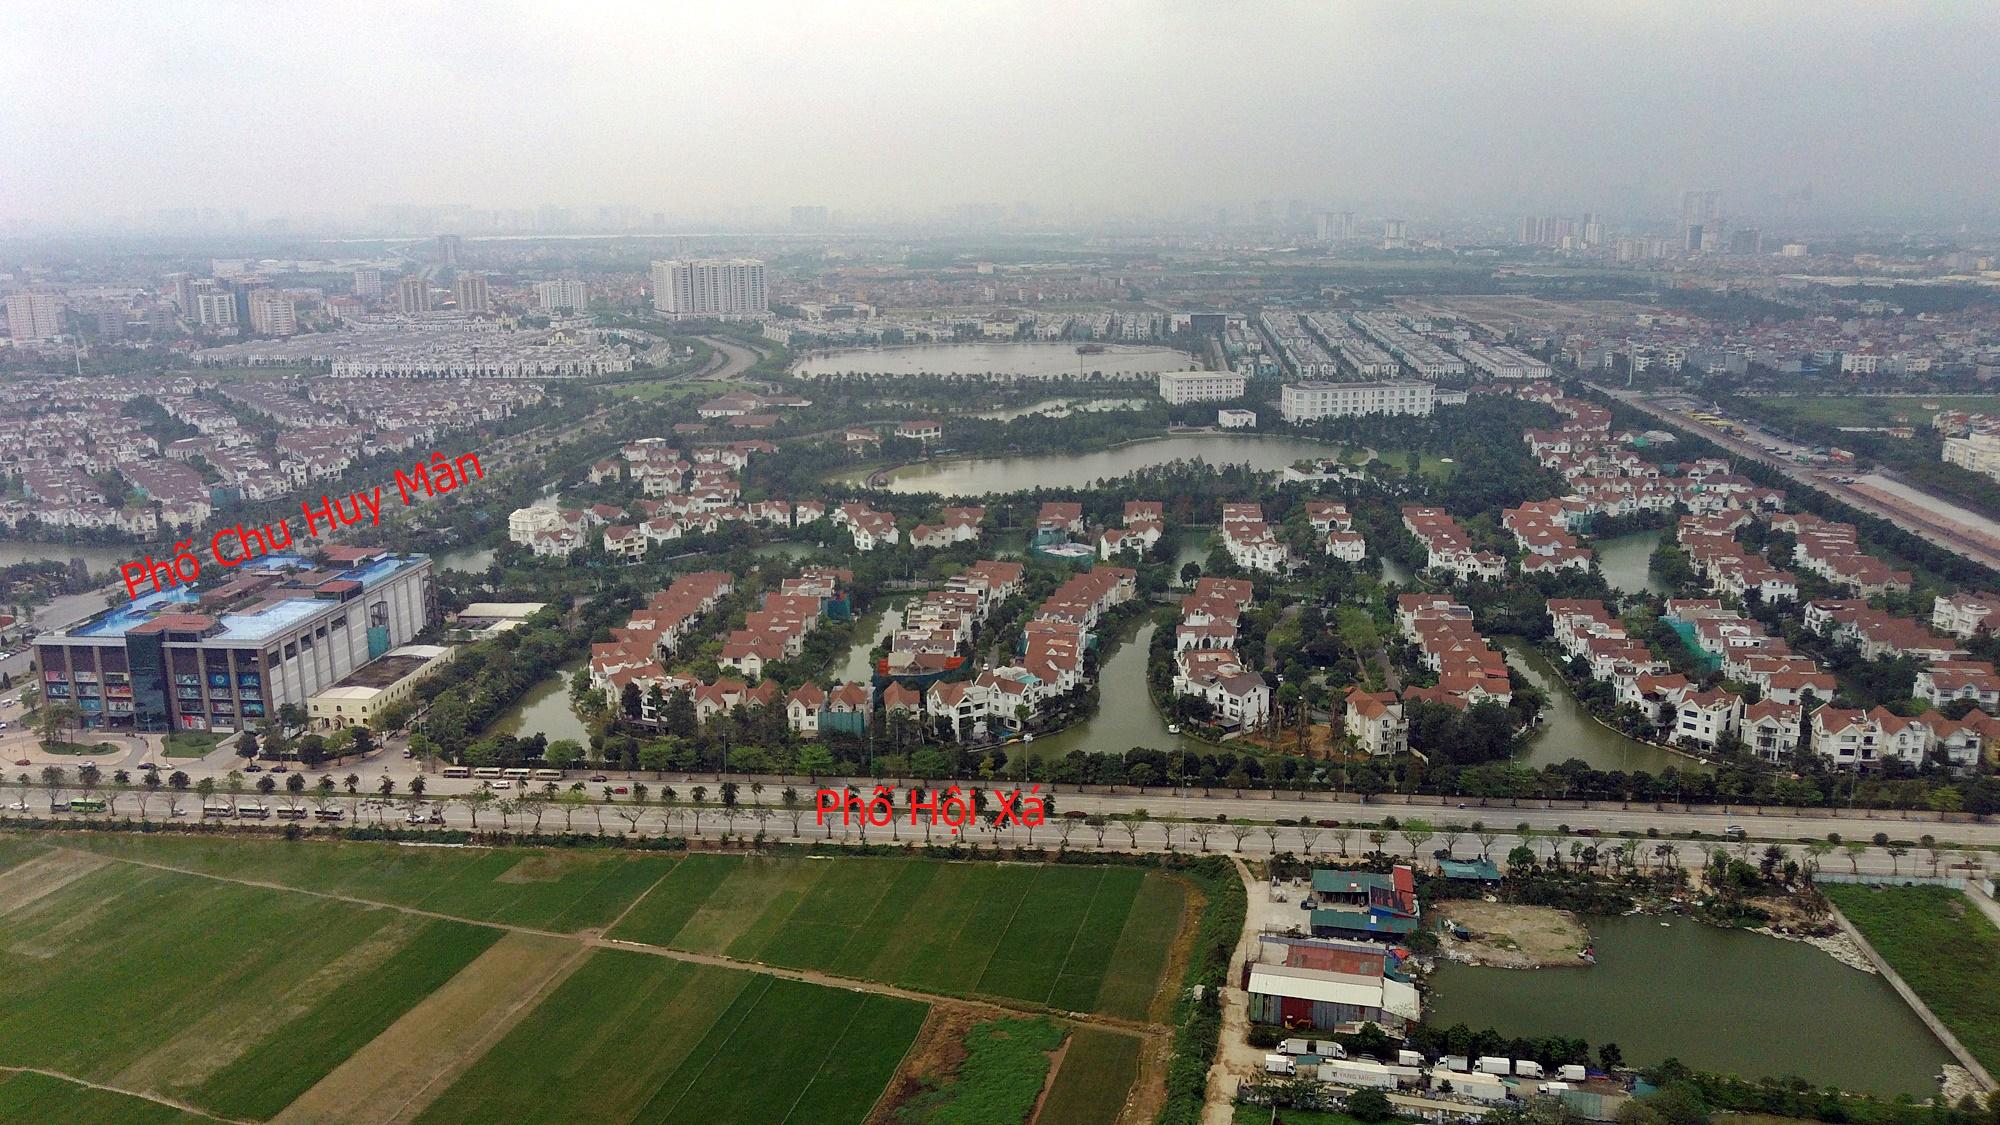 Cầu sẽ mở theo qui hoạch ở Hà Nội: Toành cảnh vị trí làm cầu Giang Biên - Ảnh 13.